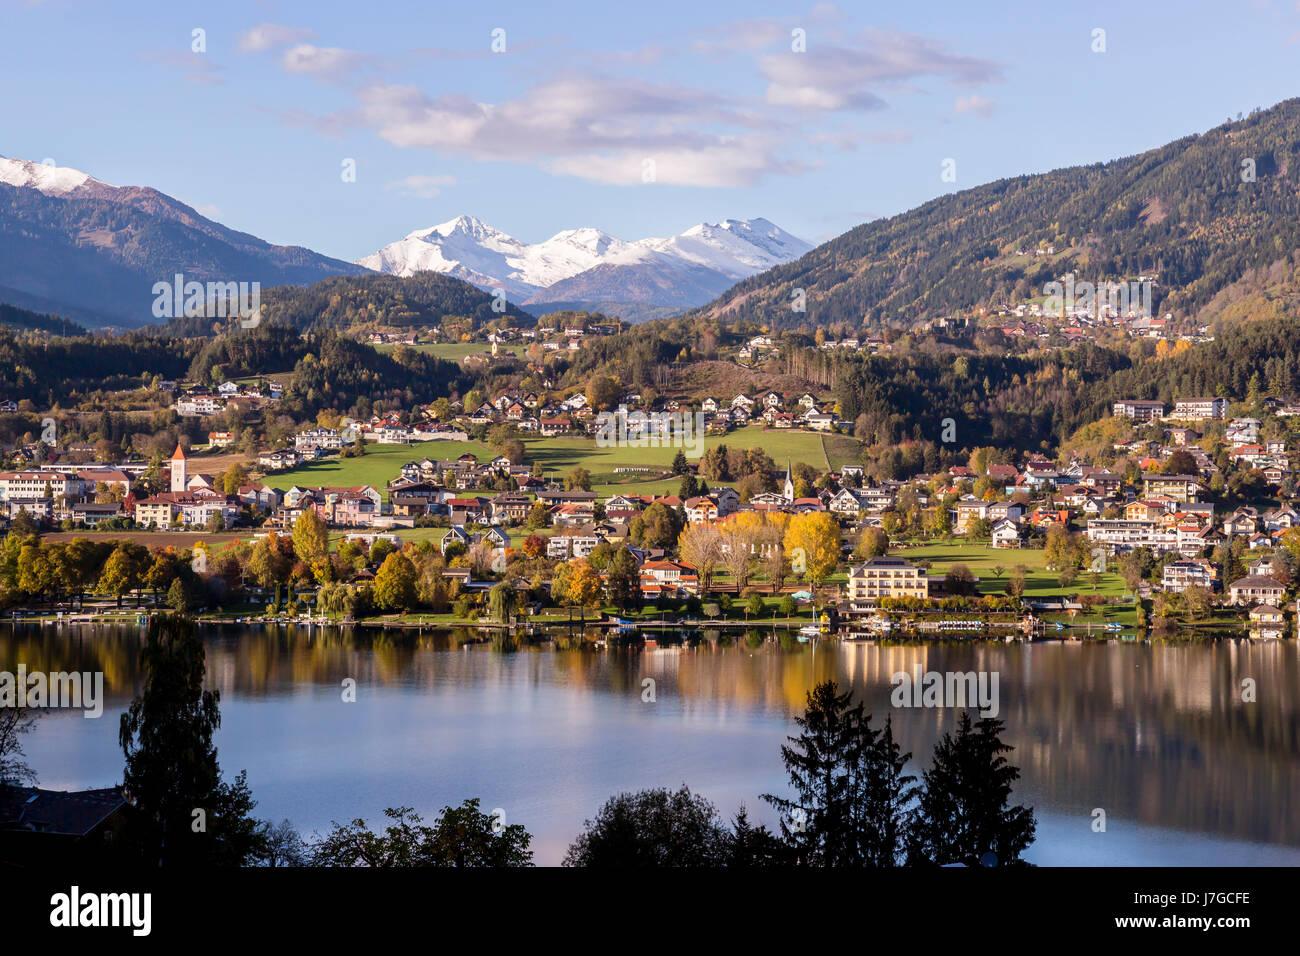 Seeboden at Lake Millstatt, autumn, Seeboden, Carinthia, Austria - Stock Image